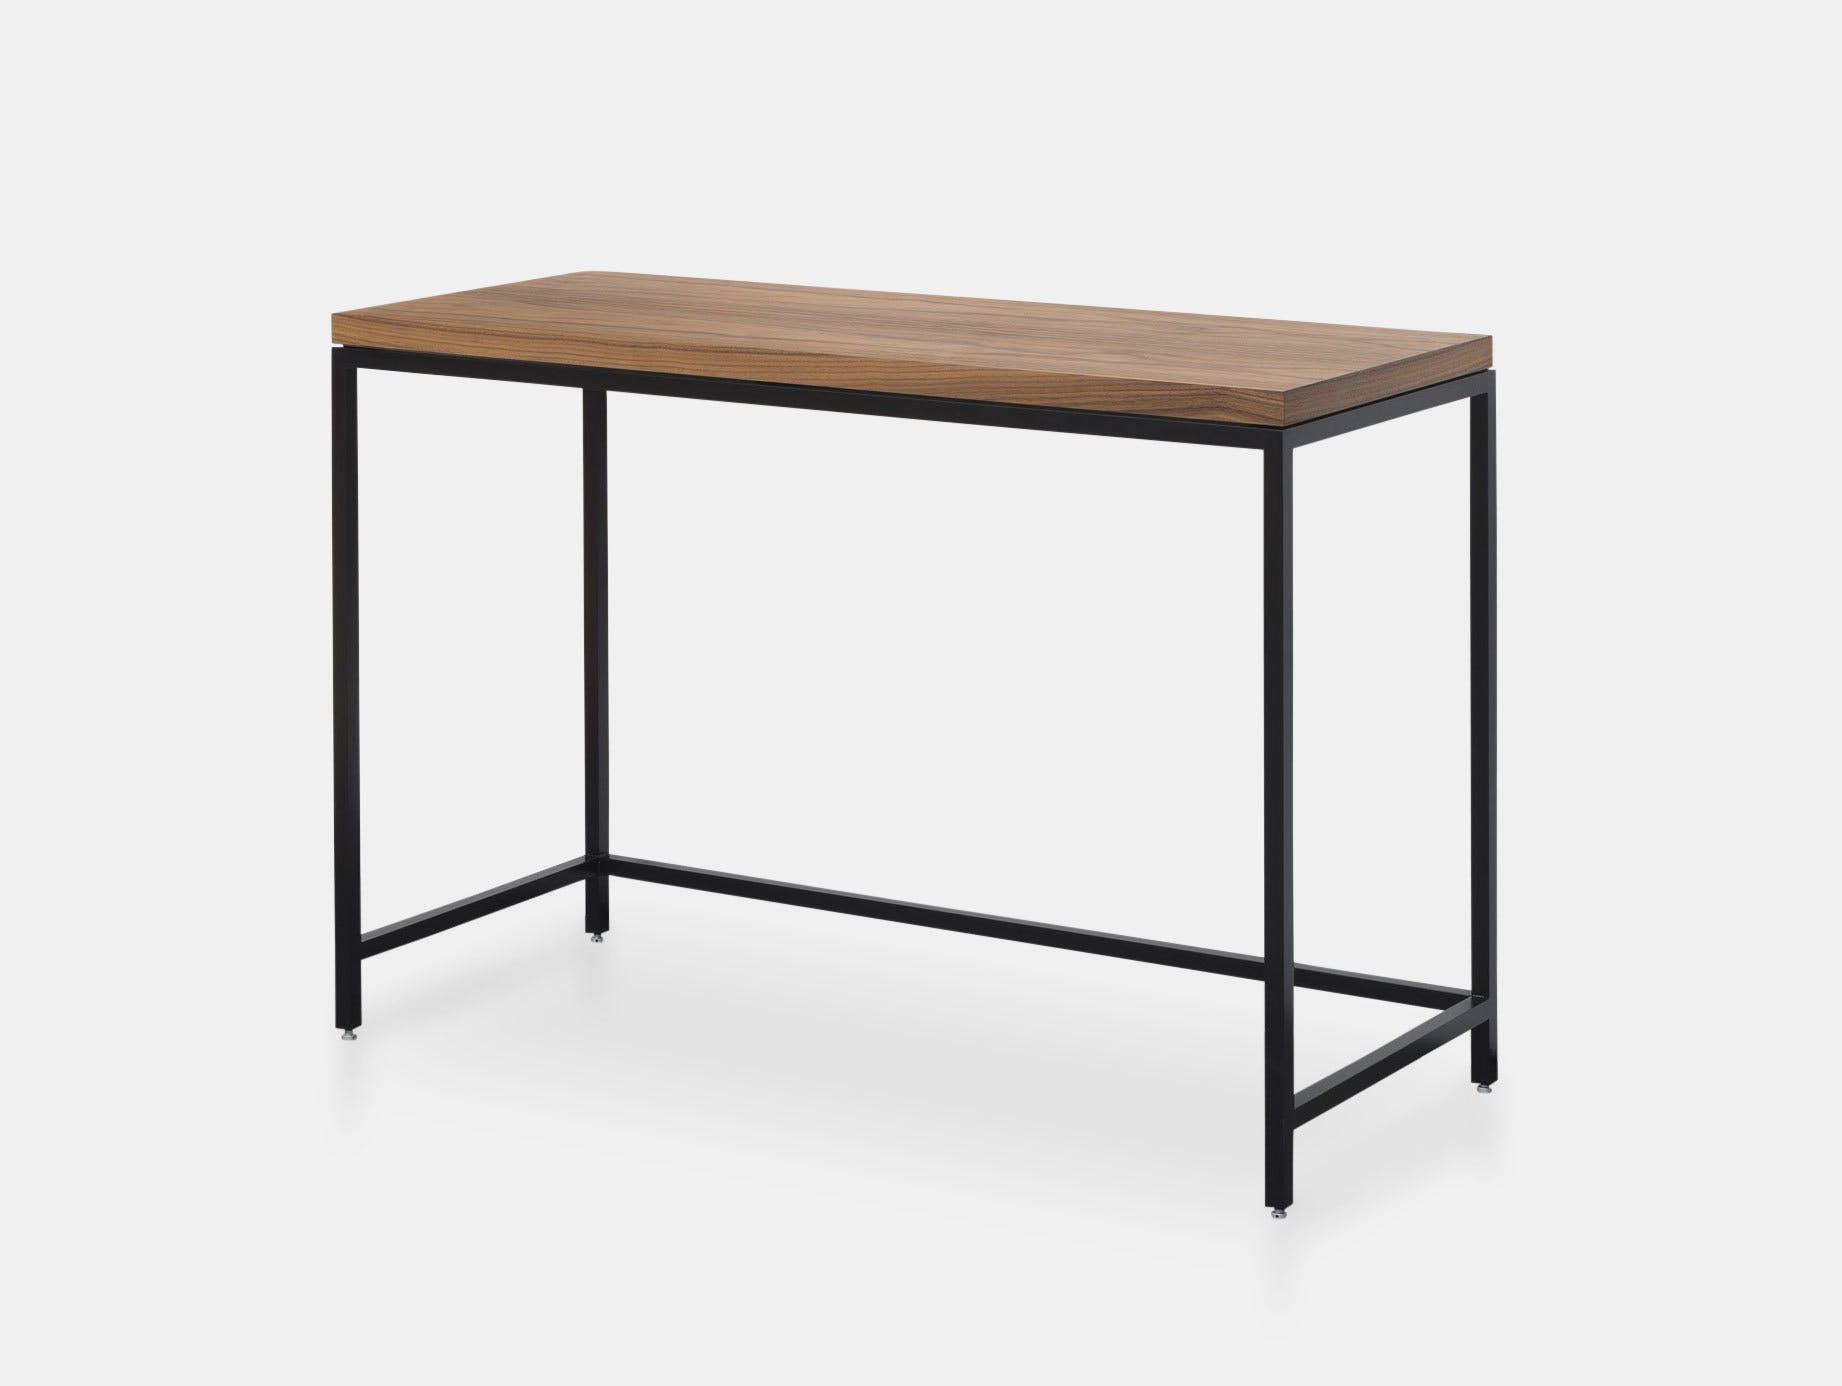 Pastoe Plato Walnut Desk X01